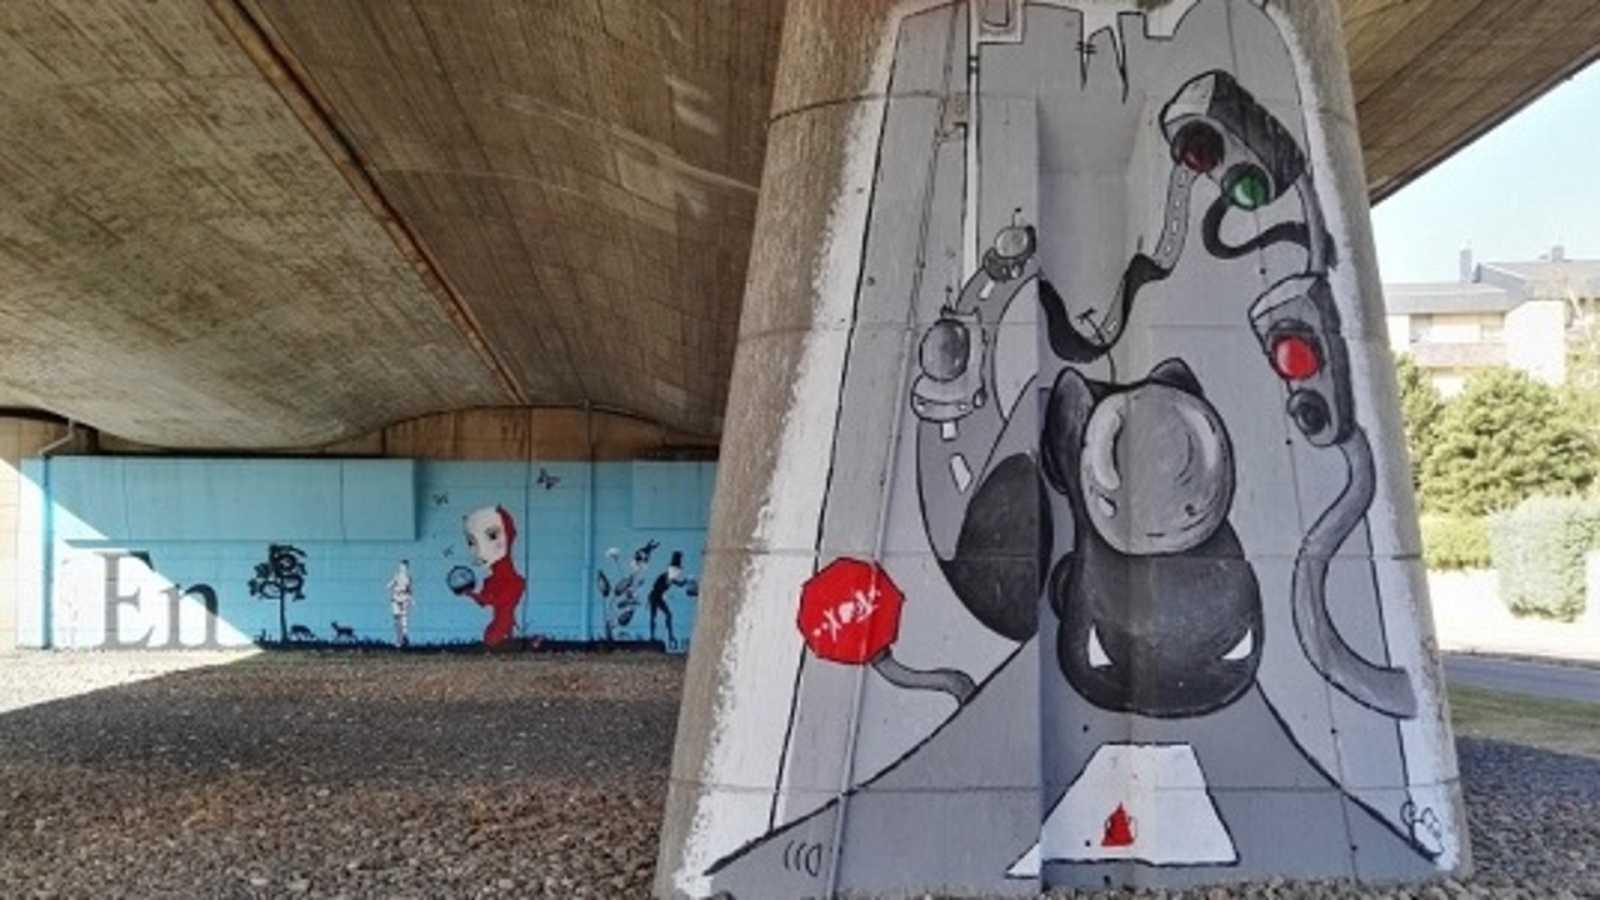 Por tres razones - Grafitis contra el vandalismo - 21/01/20 - escuchar ahora